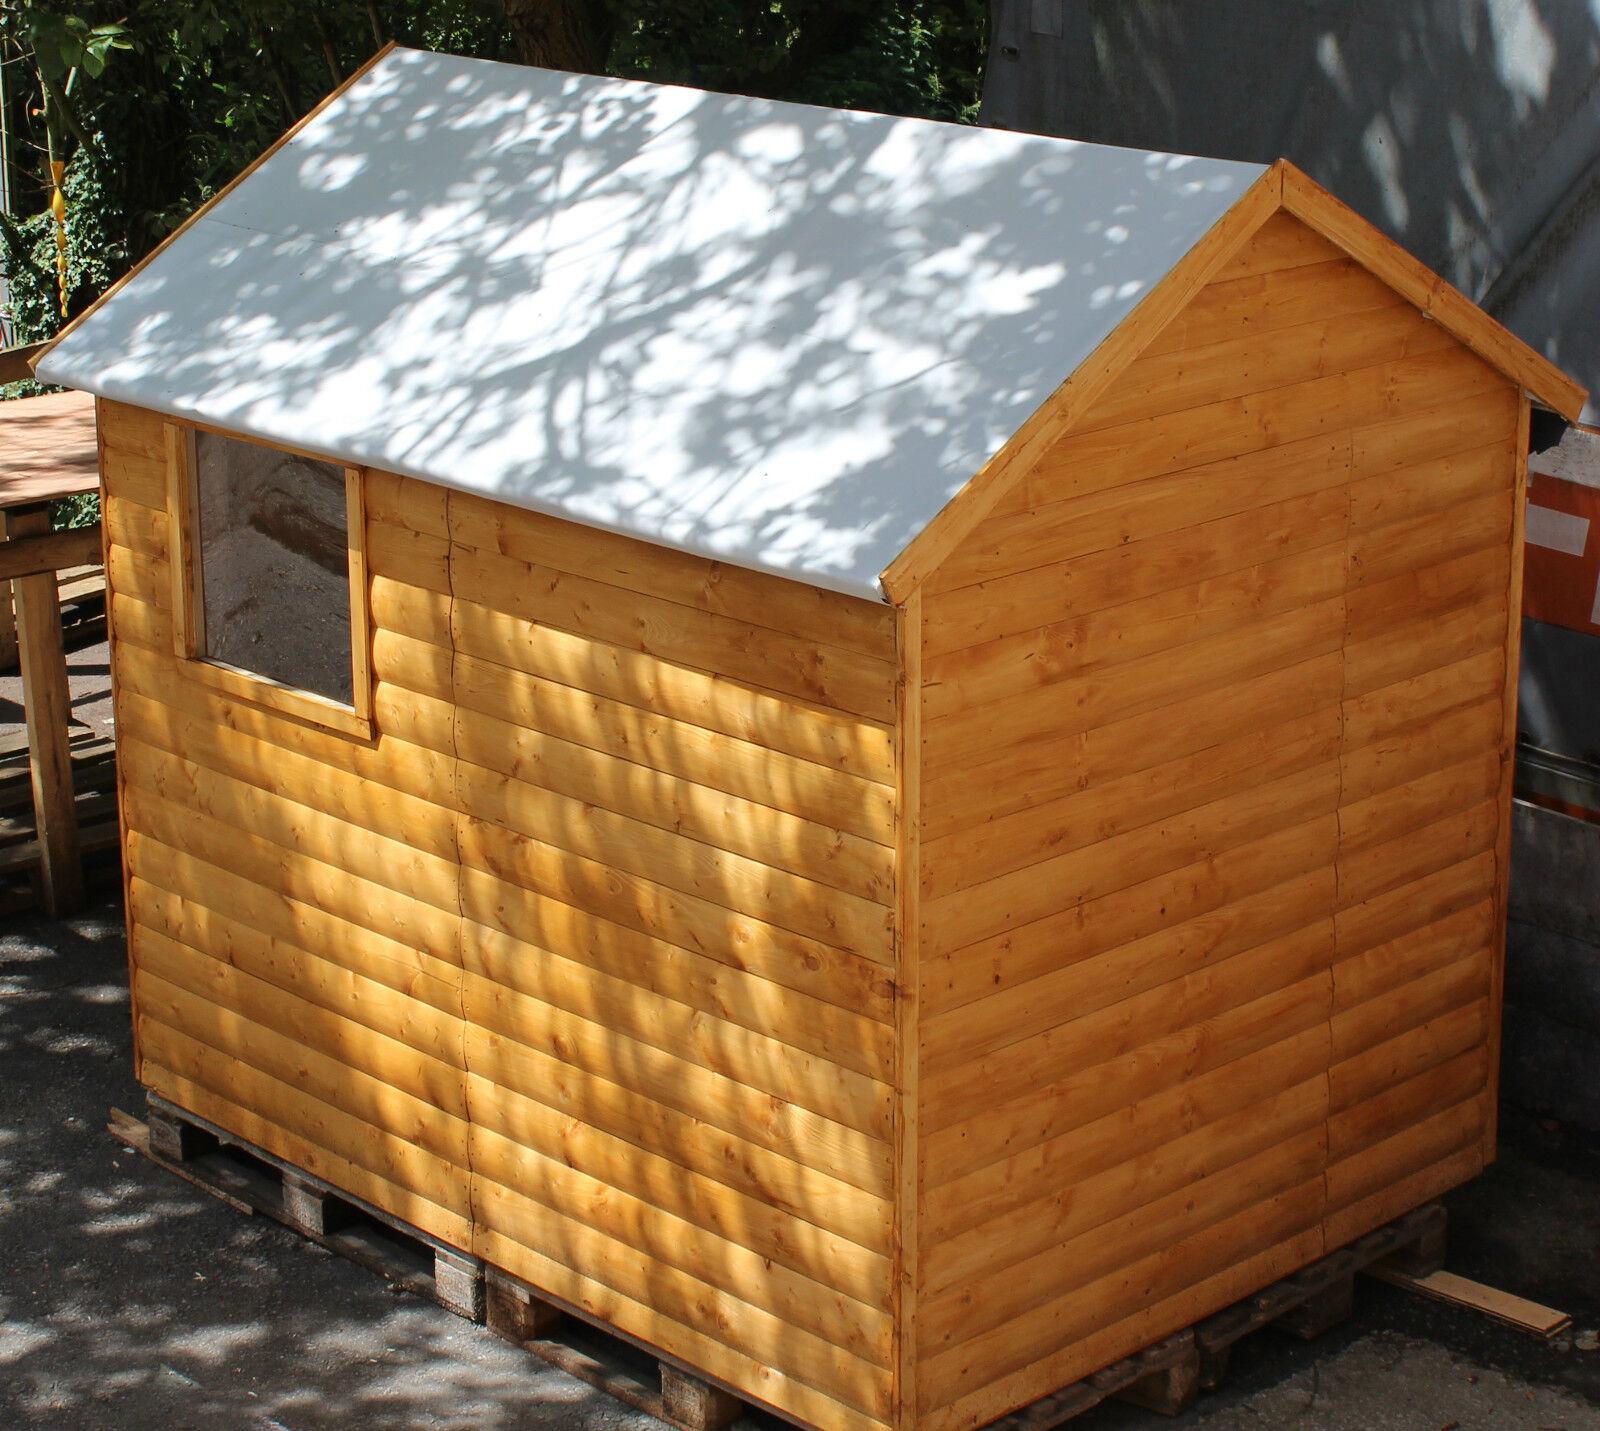 Dachfolie   m²  Sikaplan® 15 G PVC  Dachbahn Flachfolie ohne Schweißnähte